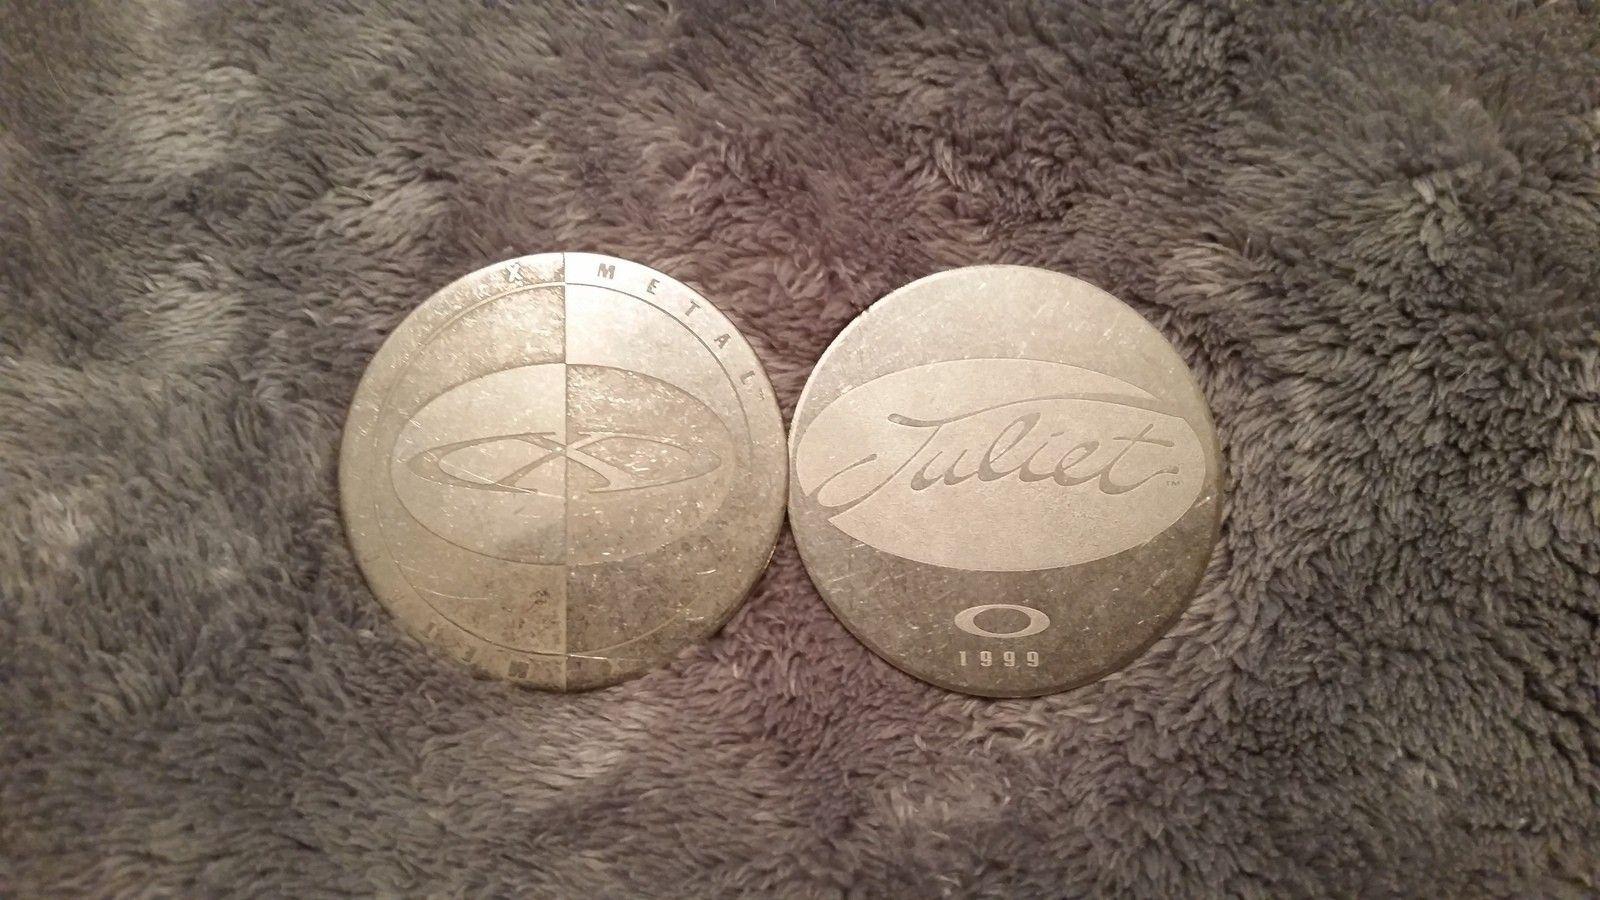 (2) Juliet 1999 Coins - Coin (1).jpg